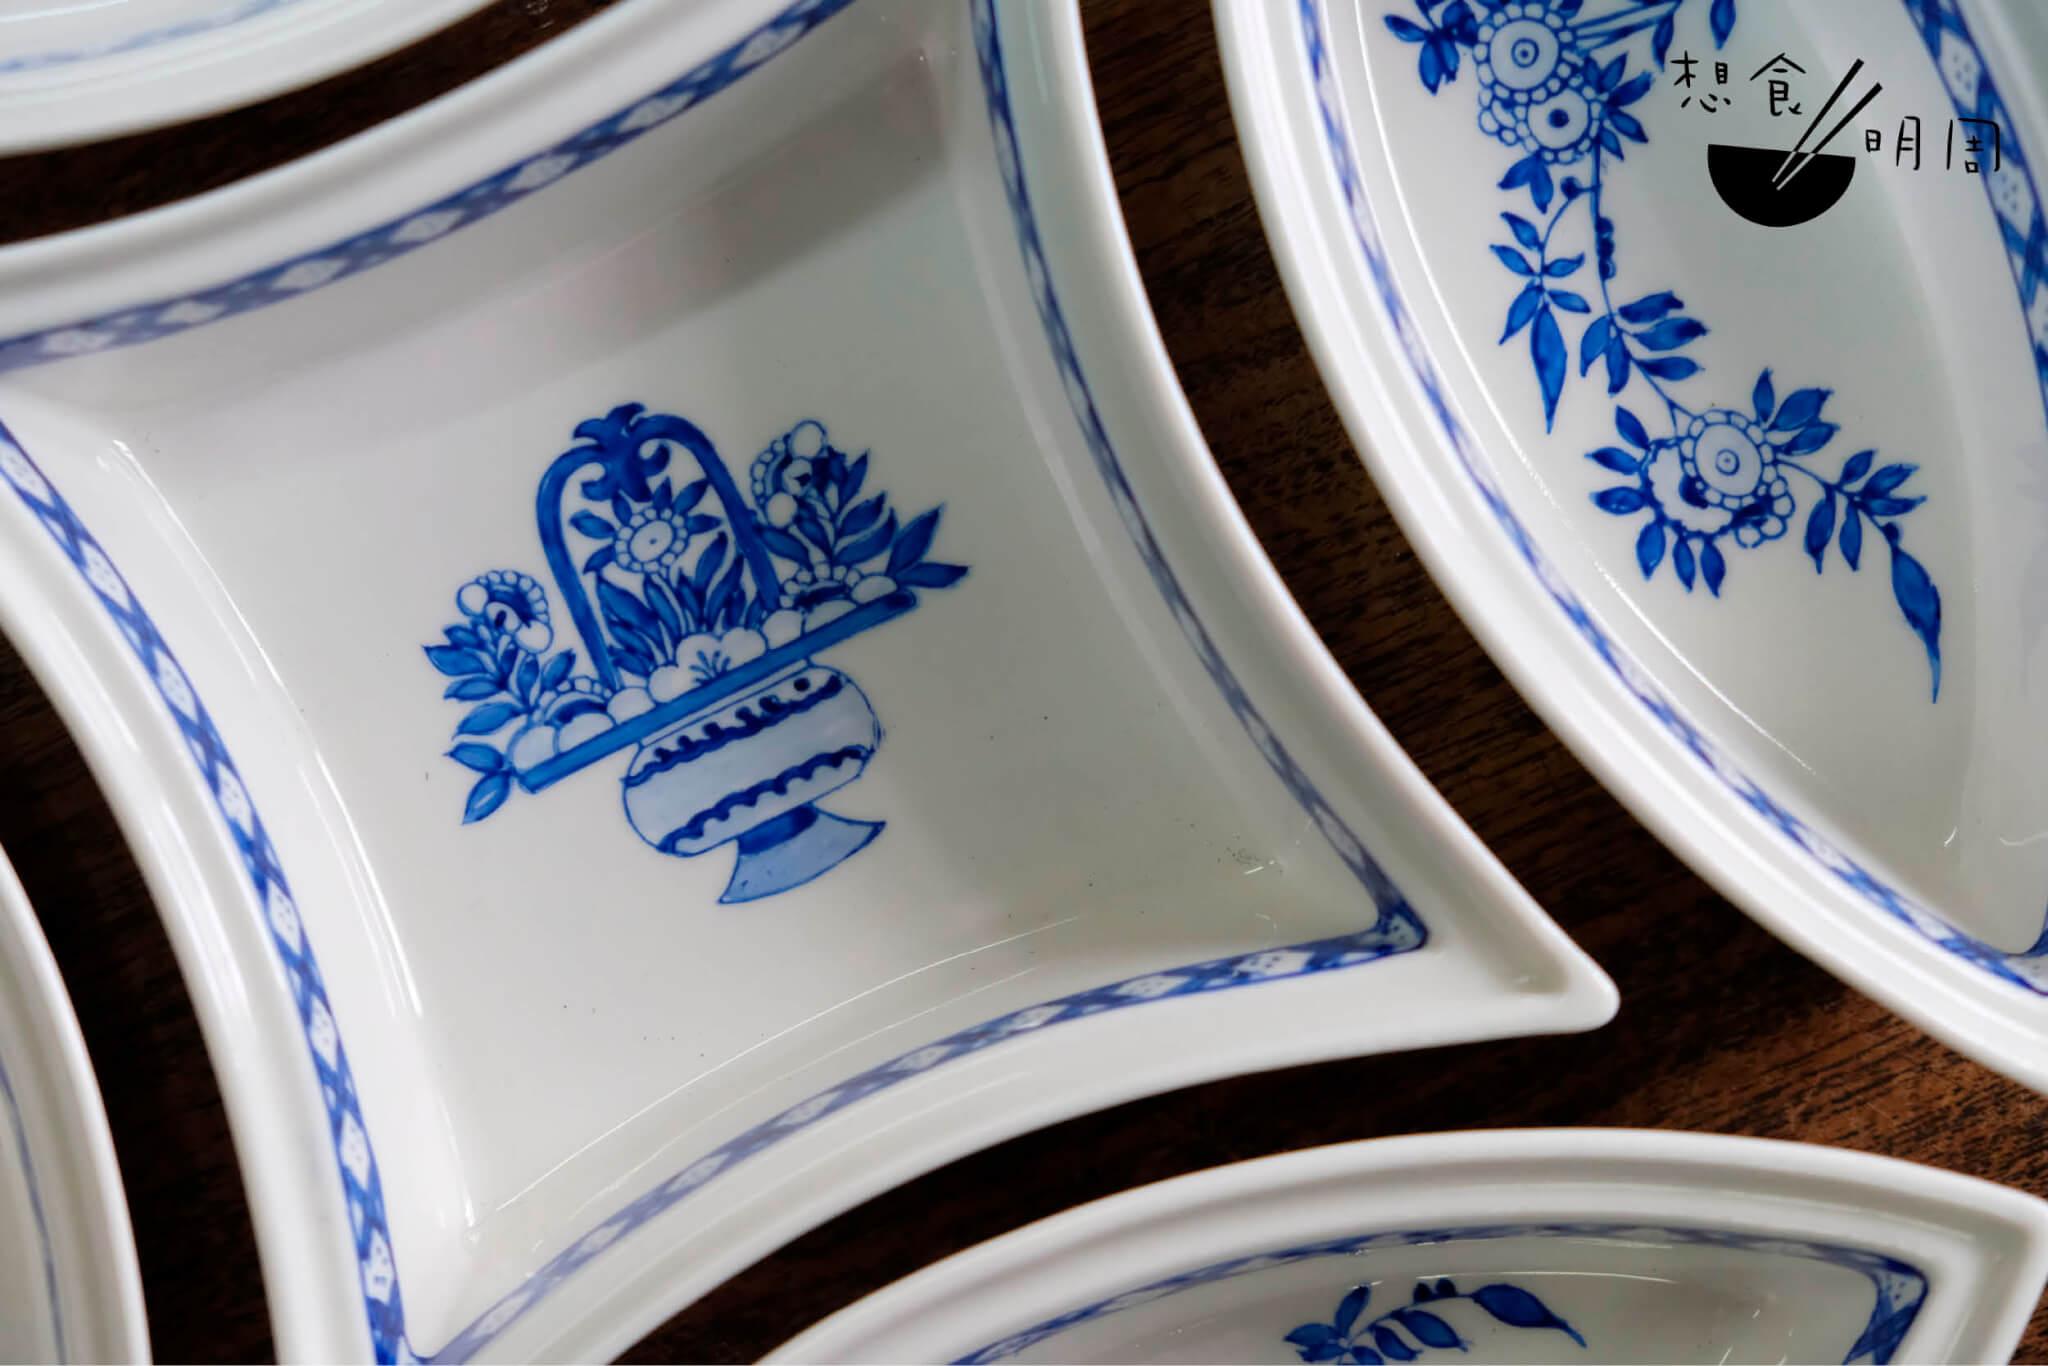 粵東磁廠今年少量製作了一些彩繪督花五子圍盤。所謂「督花」其實是行內用語,指的是當年為港督麥里浩夫人繪製的百年前英國Hogarth仿造圖案。